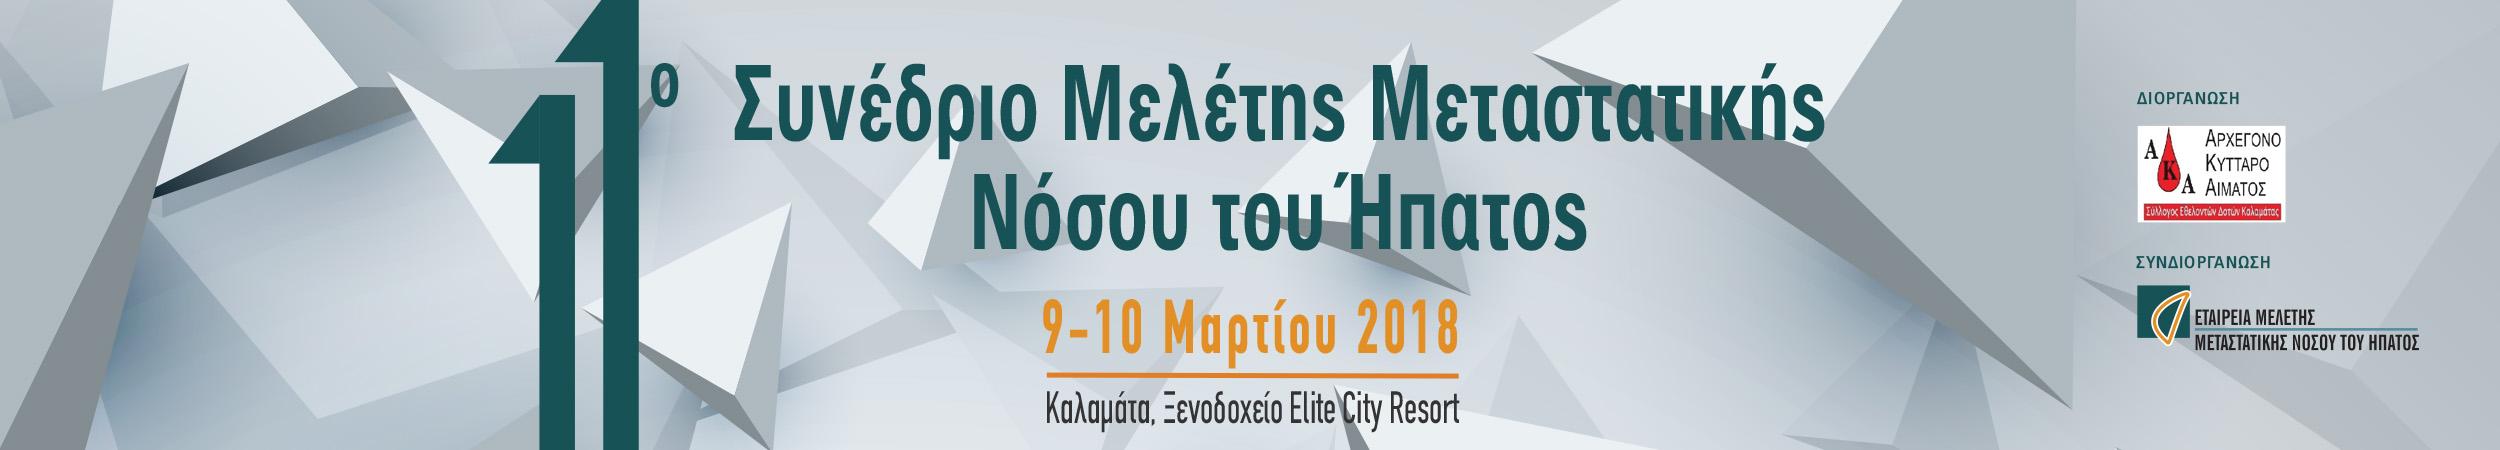 2500px_metastatiki